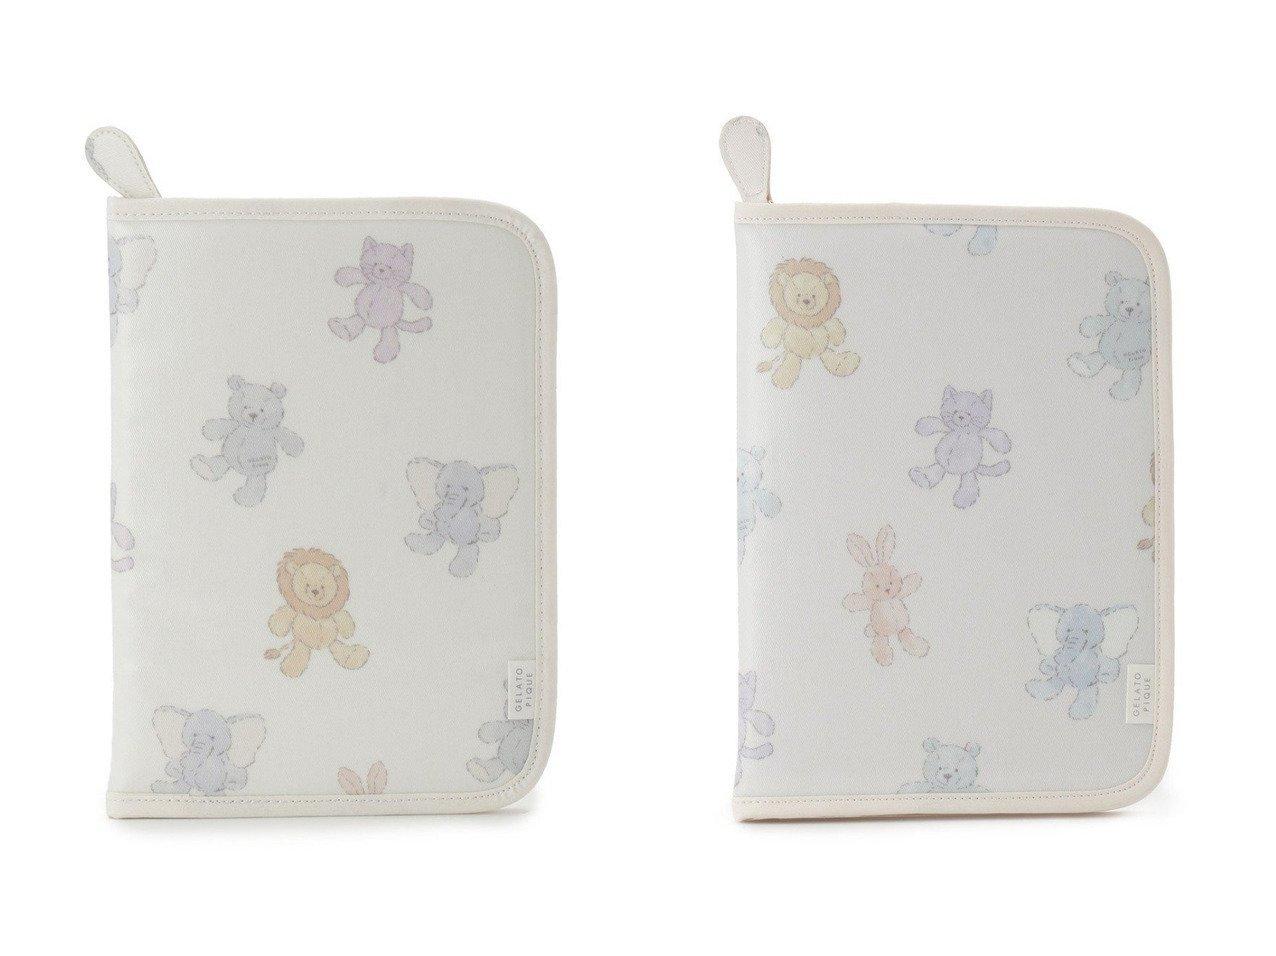 【gelato pique / BABY/ジェラートピケ】の【ONLINE限定】ぬいぐるみモチーフ母子手帳ケース おすすめ!人気、トレンド・レディースファッションの通販 おすすめで人気の流行・トレンド、ファッションの通販商品 インテリア・家具・メンズファッション・キッズファッション・レディースファッション・服の通販 founy(ファニー) https://founy.com/ ファッション Fashion ベビー BABY コーティング 抗菌 軽量 手帳 ネコ 人気 ベビー ポケット ポーチ モチーフ |ID:crp329100000061681